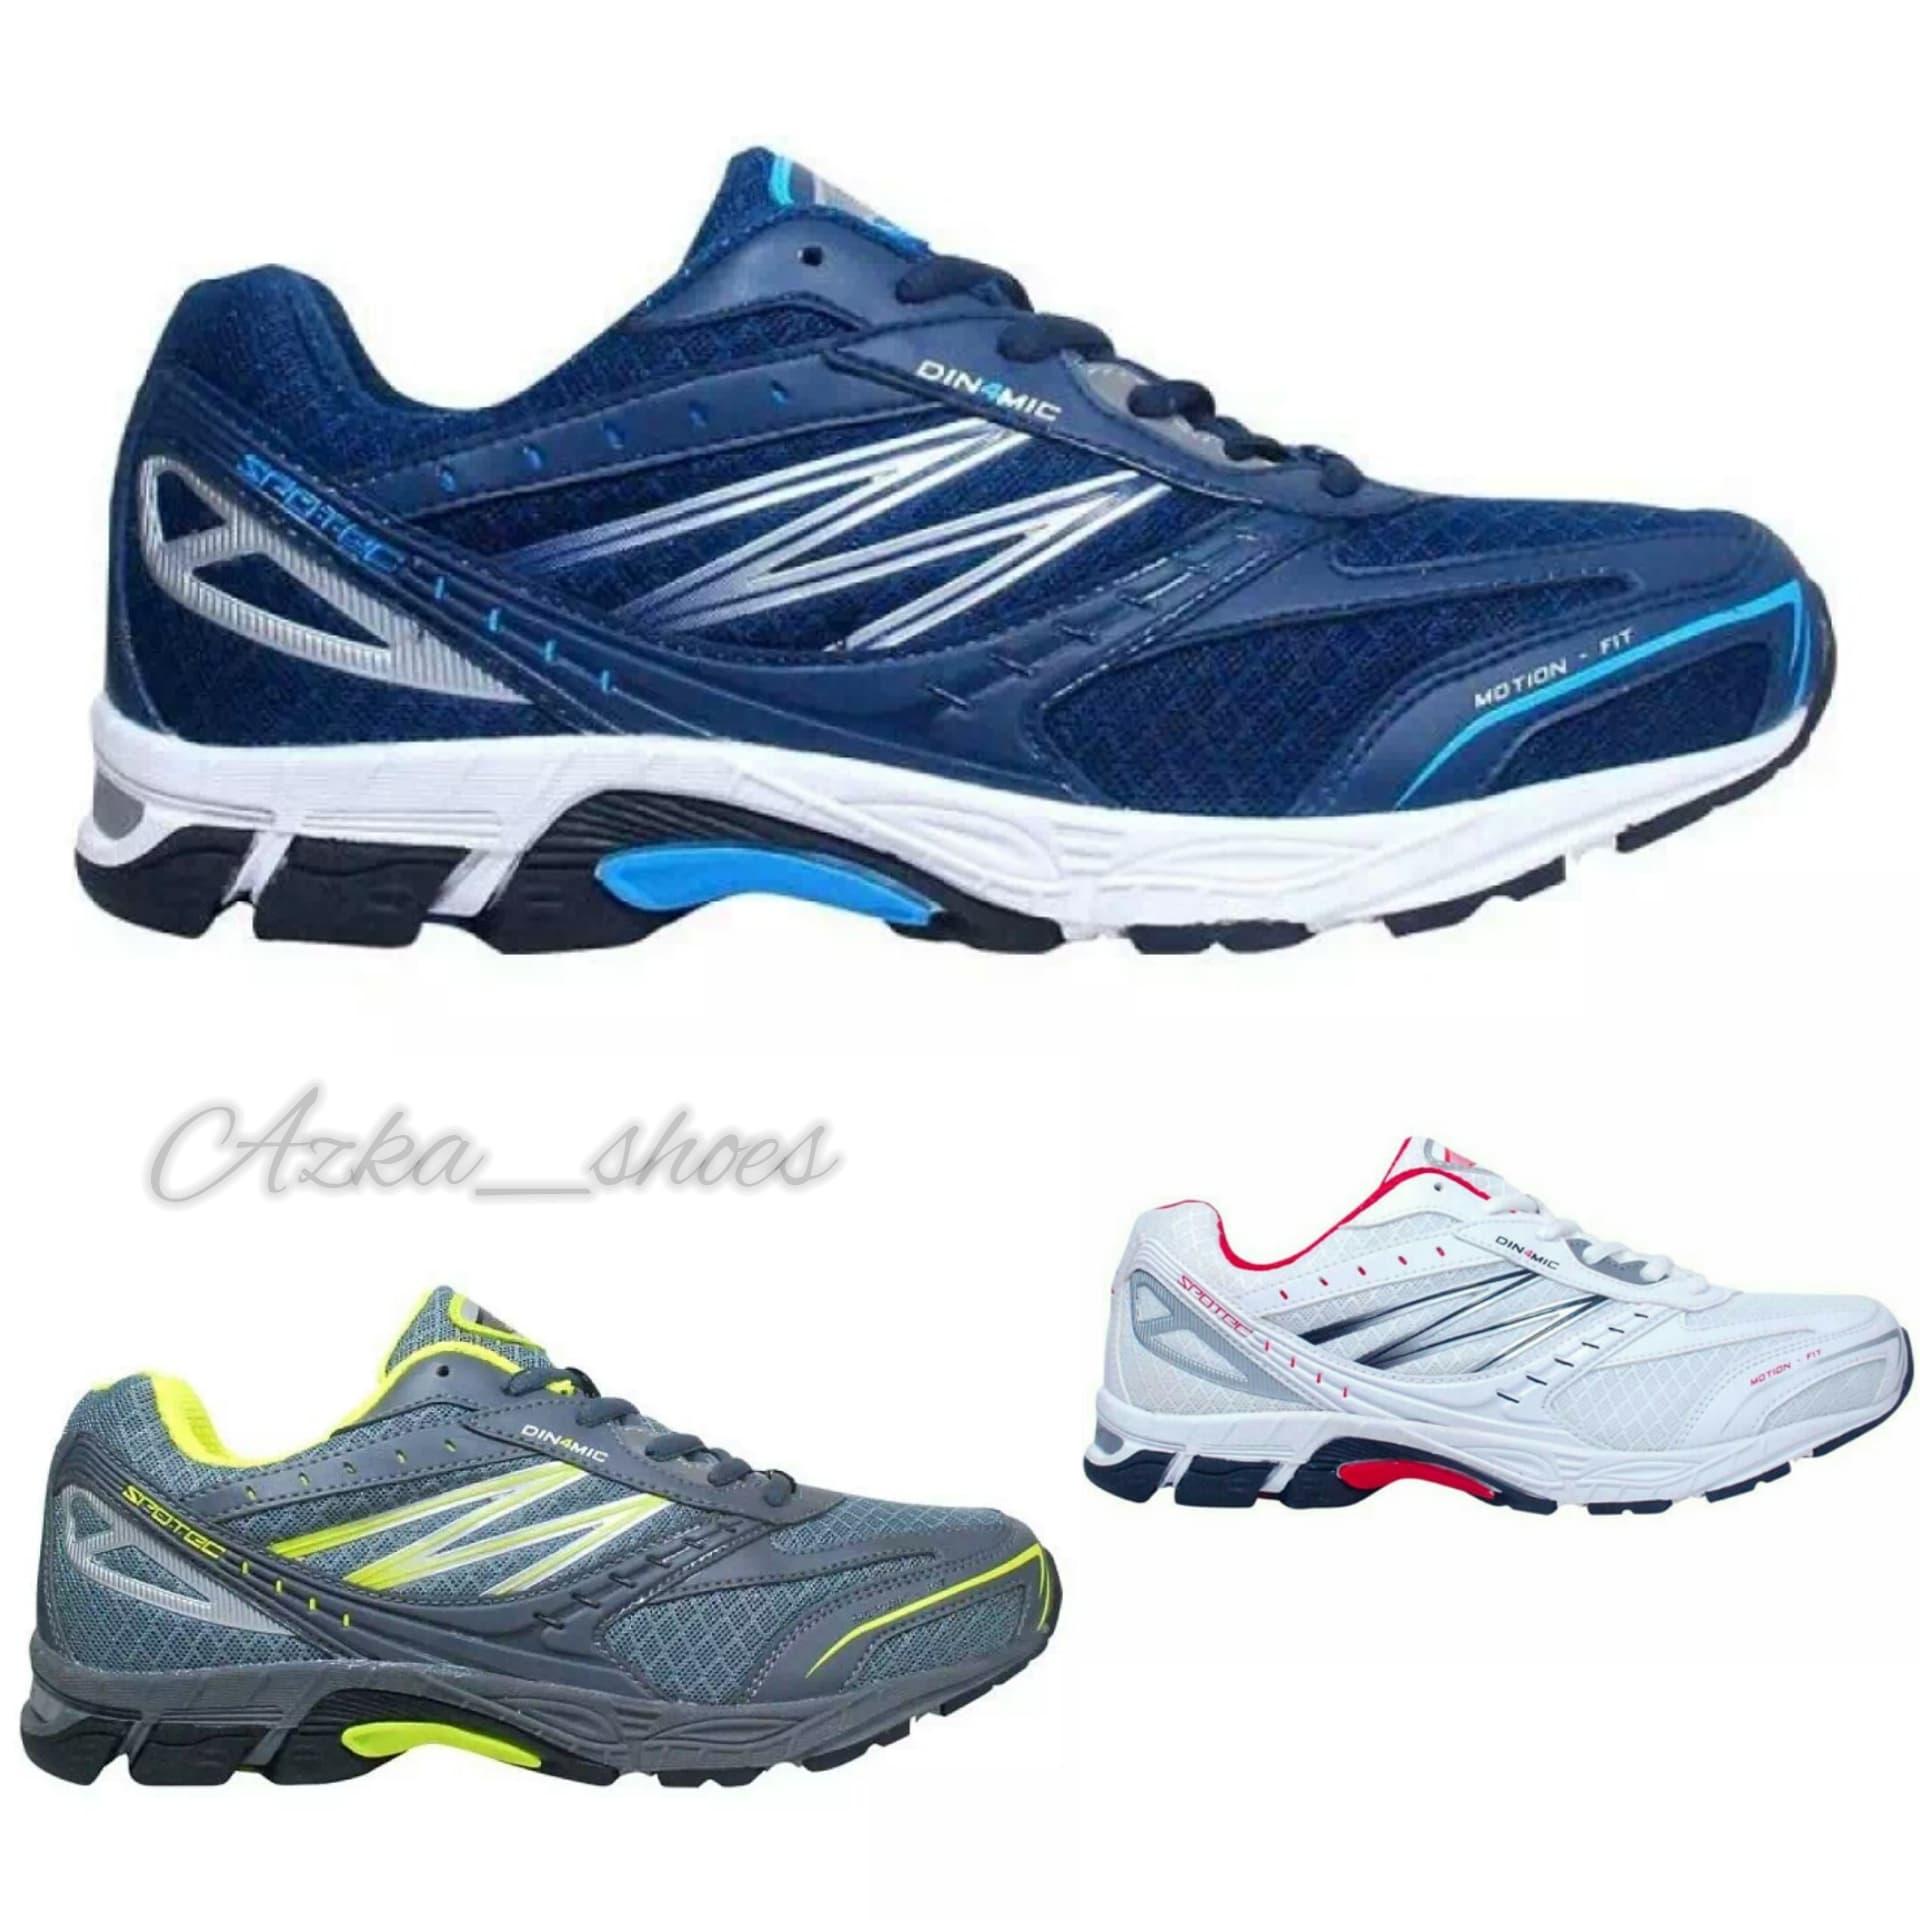 Jual Sepatu Running Spotec Dynamic - Azka shoes SPOTEC  91c7e225b4